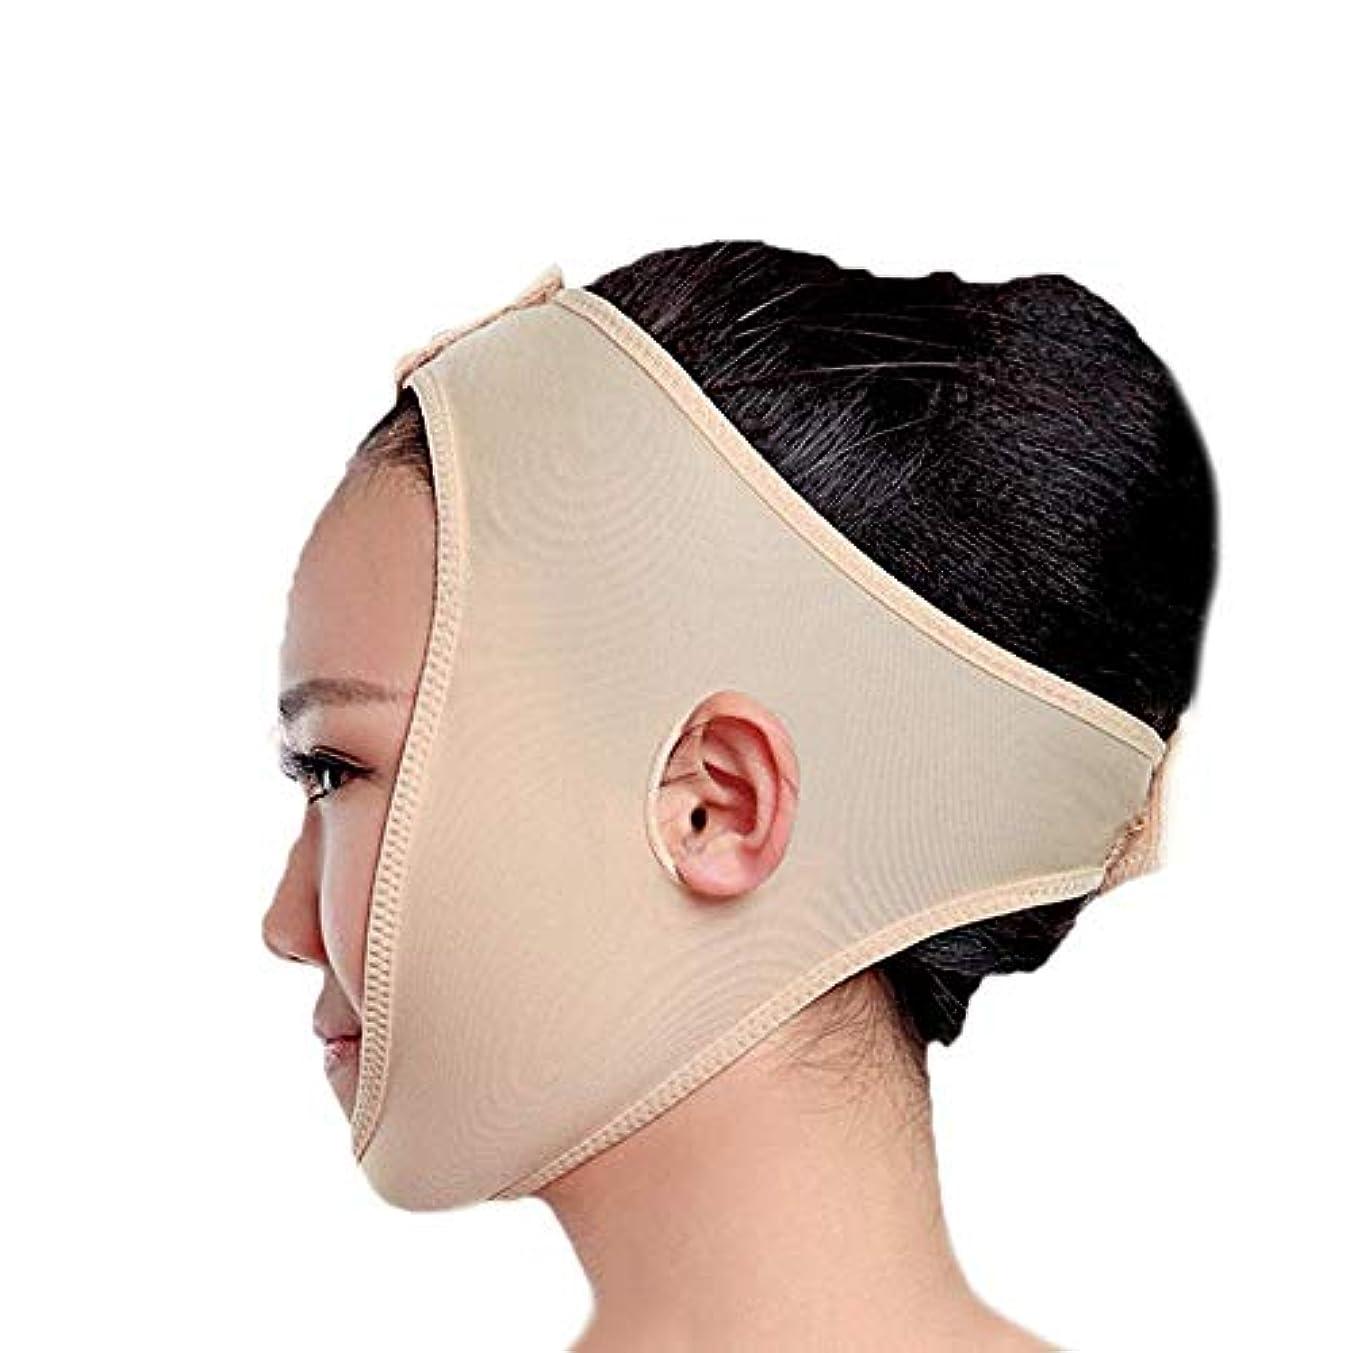 版弱める仕事に行くフェイススリミングマスク、快適さと通気性、フェイシャルリフティング、輪郭の改善された硬さ、ファーミングとリフティングフェイス(カラー:ブラック、サイズ:XL),黄色がかったピンク2、S